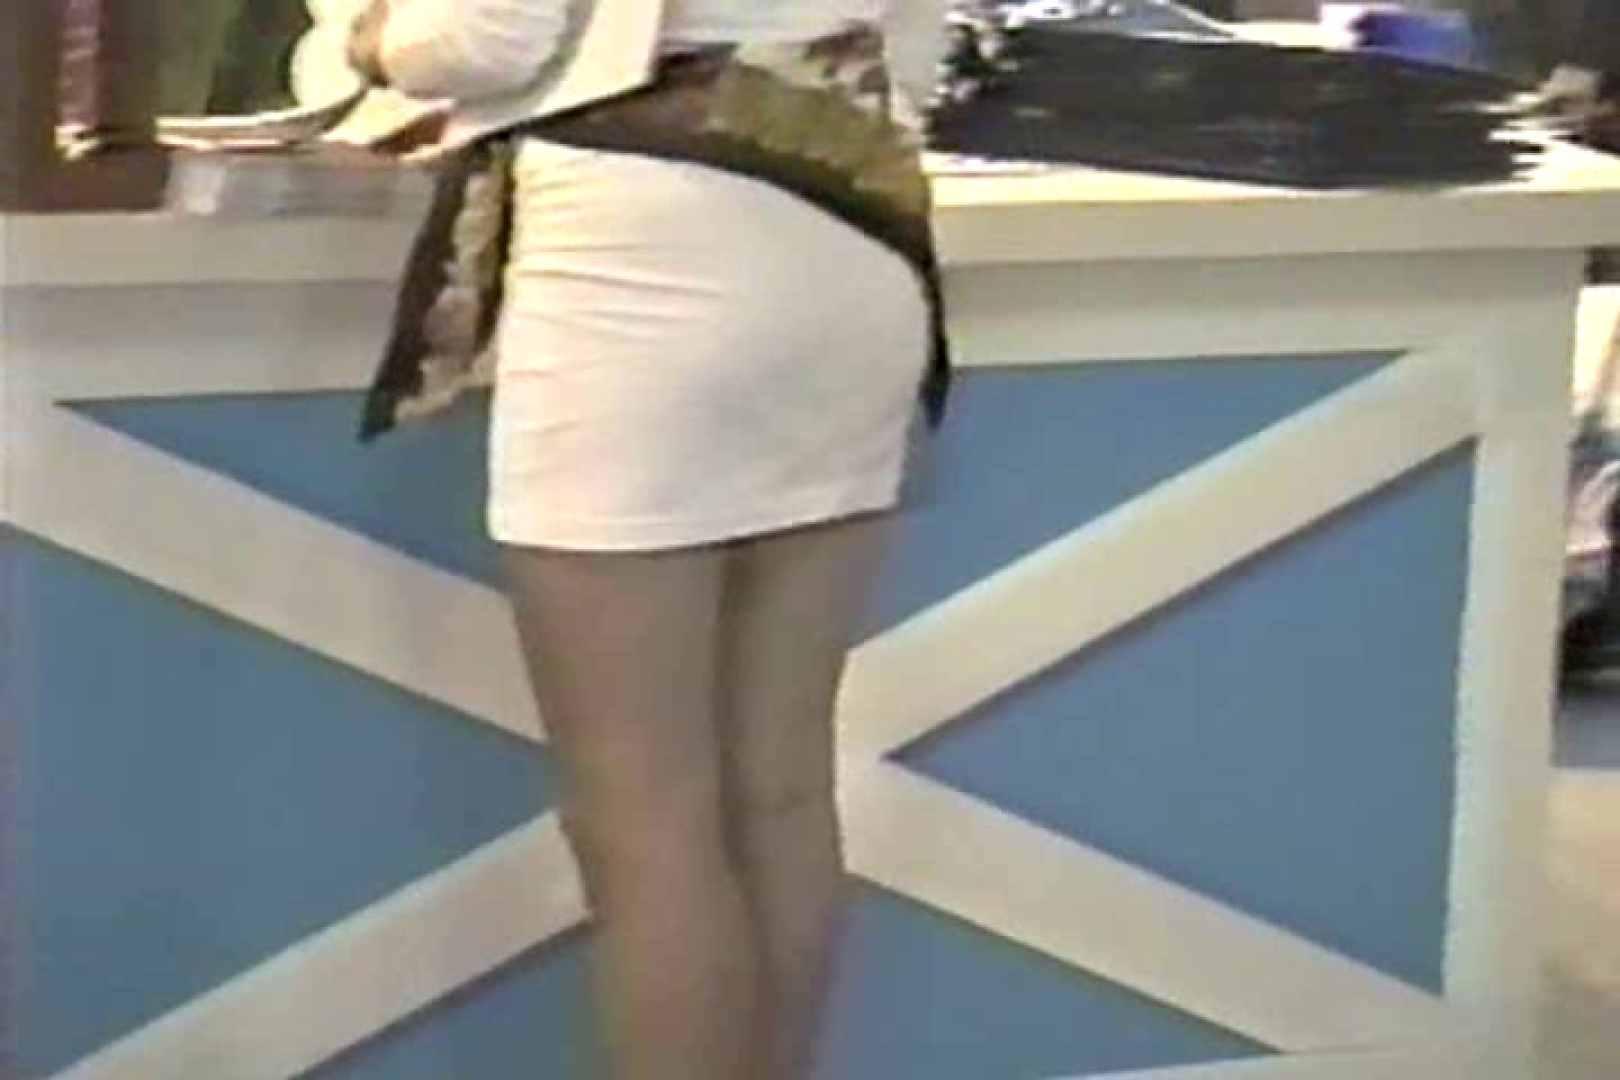 超・痴漢の眼「ユニフォーム現場検証」TNK-07 痴漢 盗み撮り動画 101画像 95